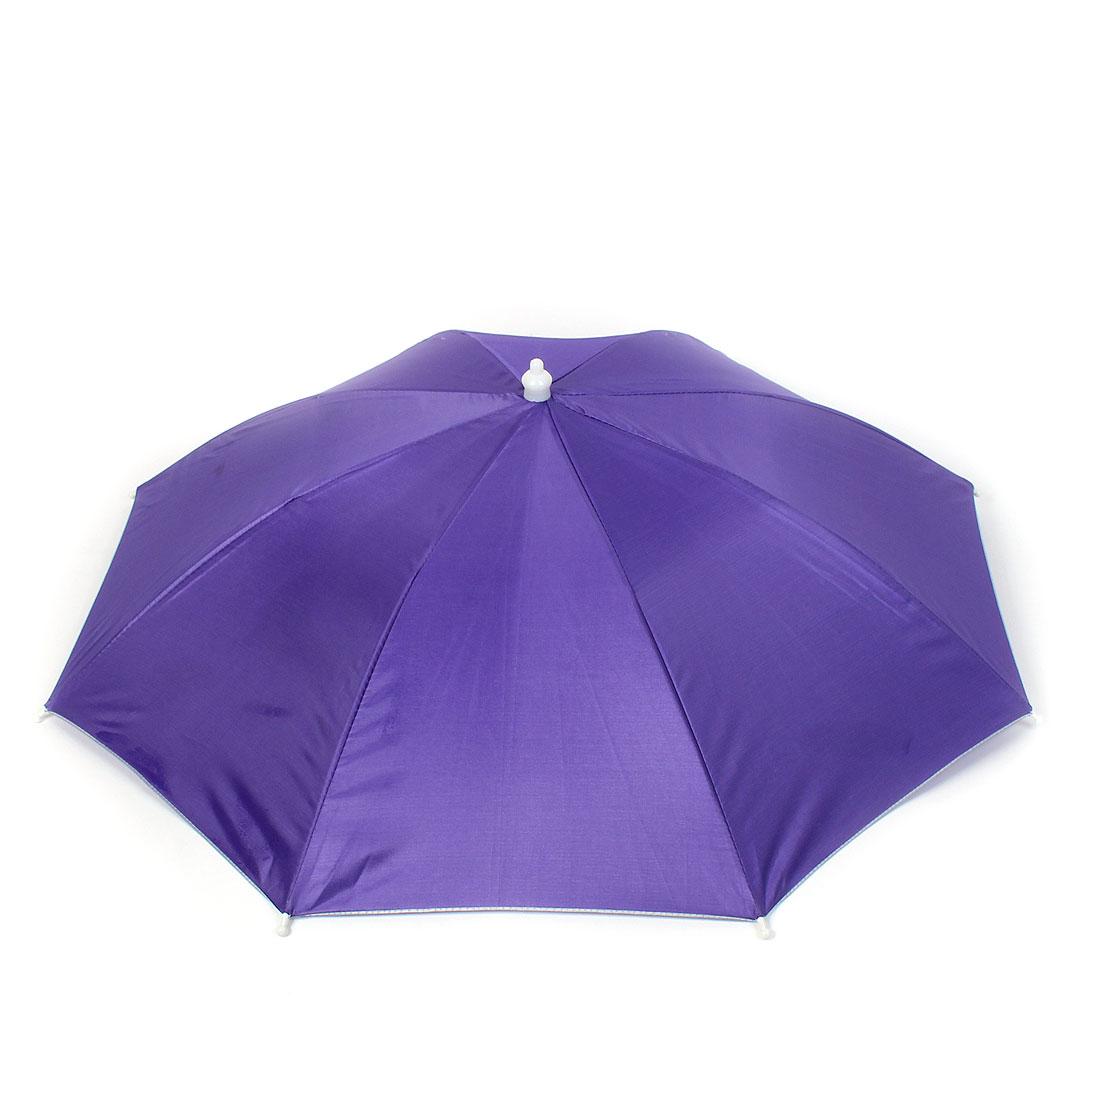 Outdoor Fishing Headwear Elastic Headband Umbrella Hat Purple